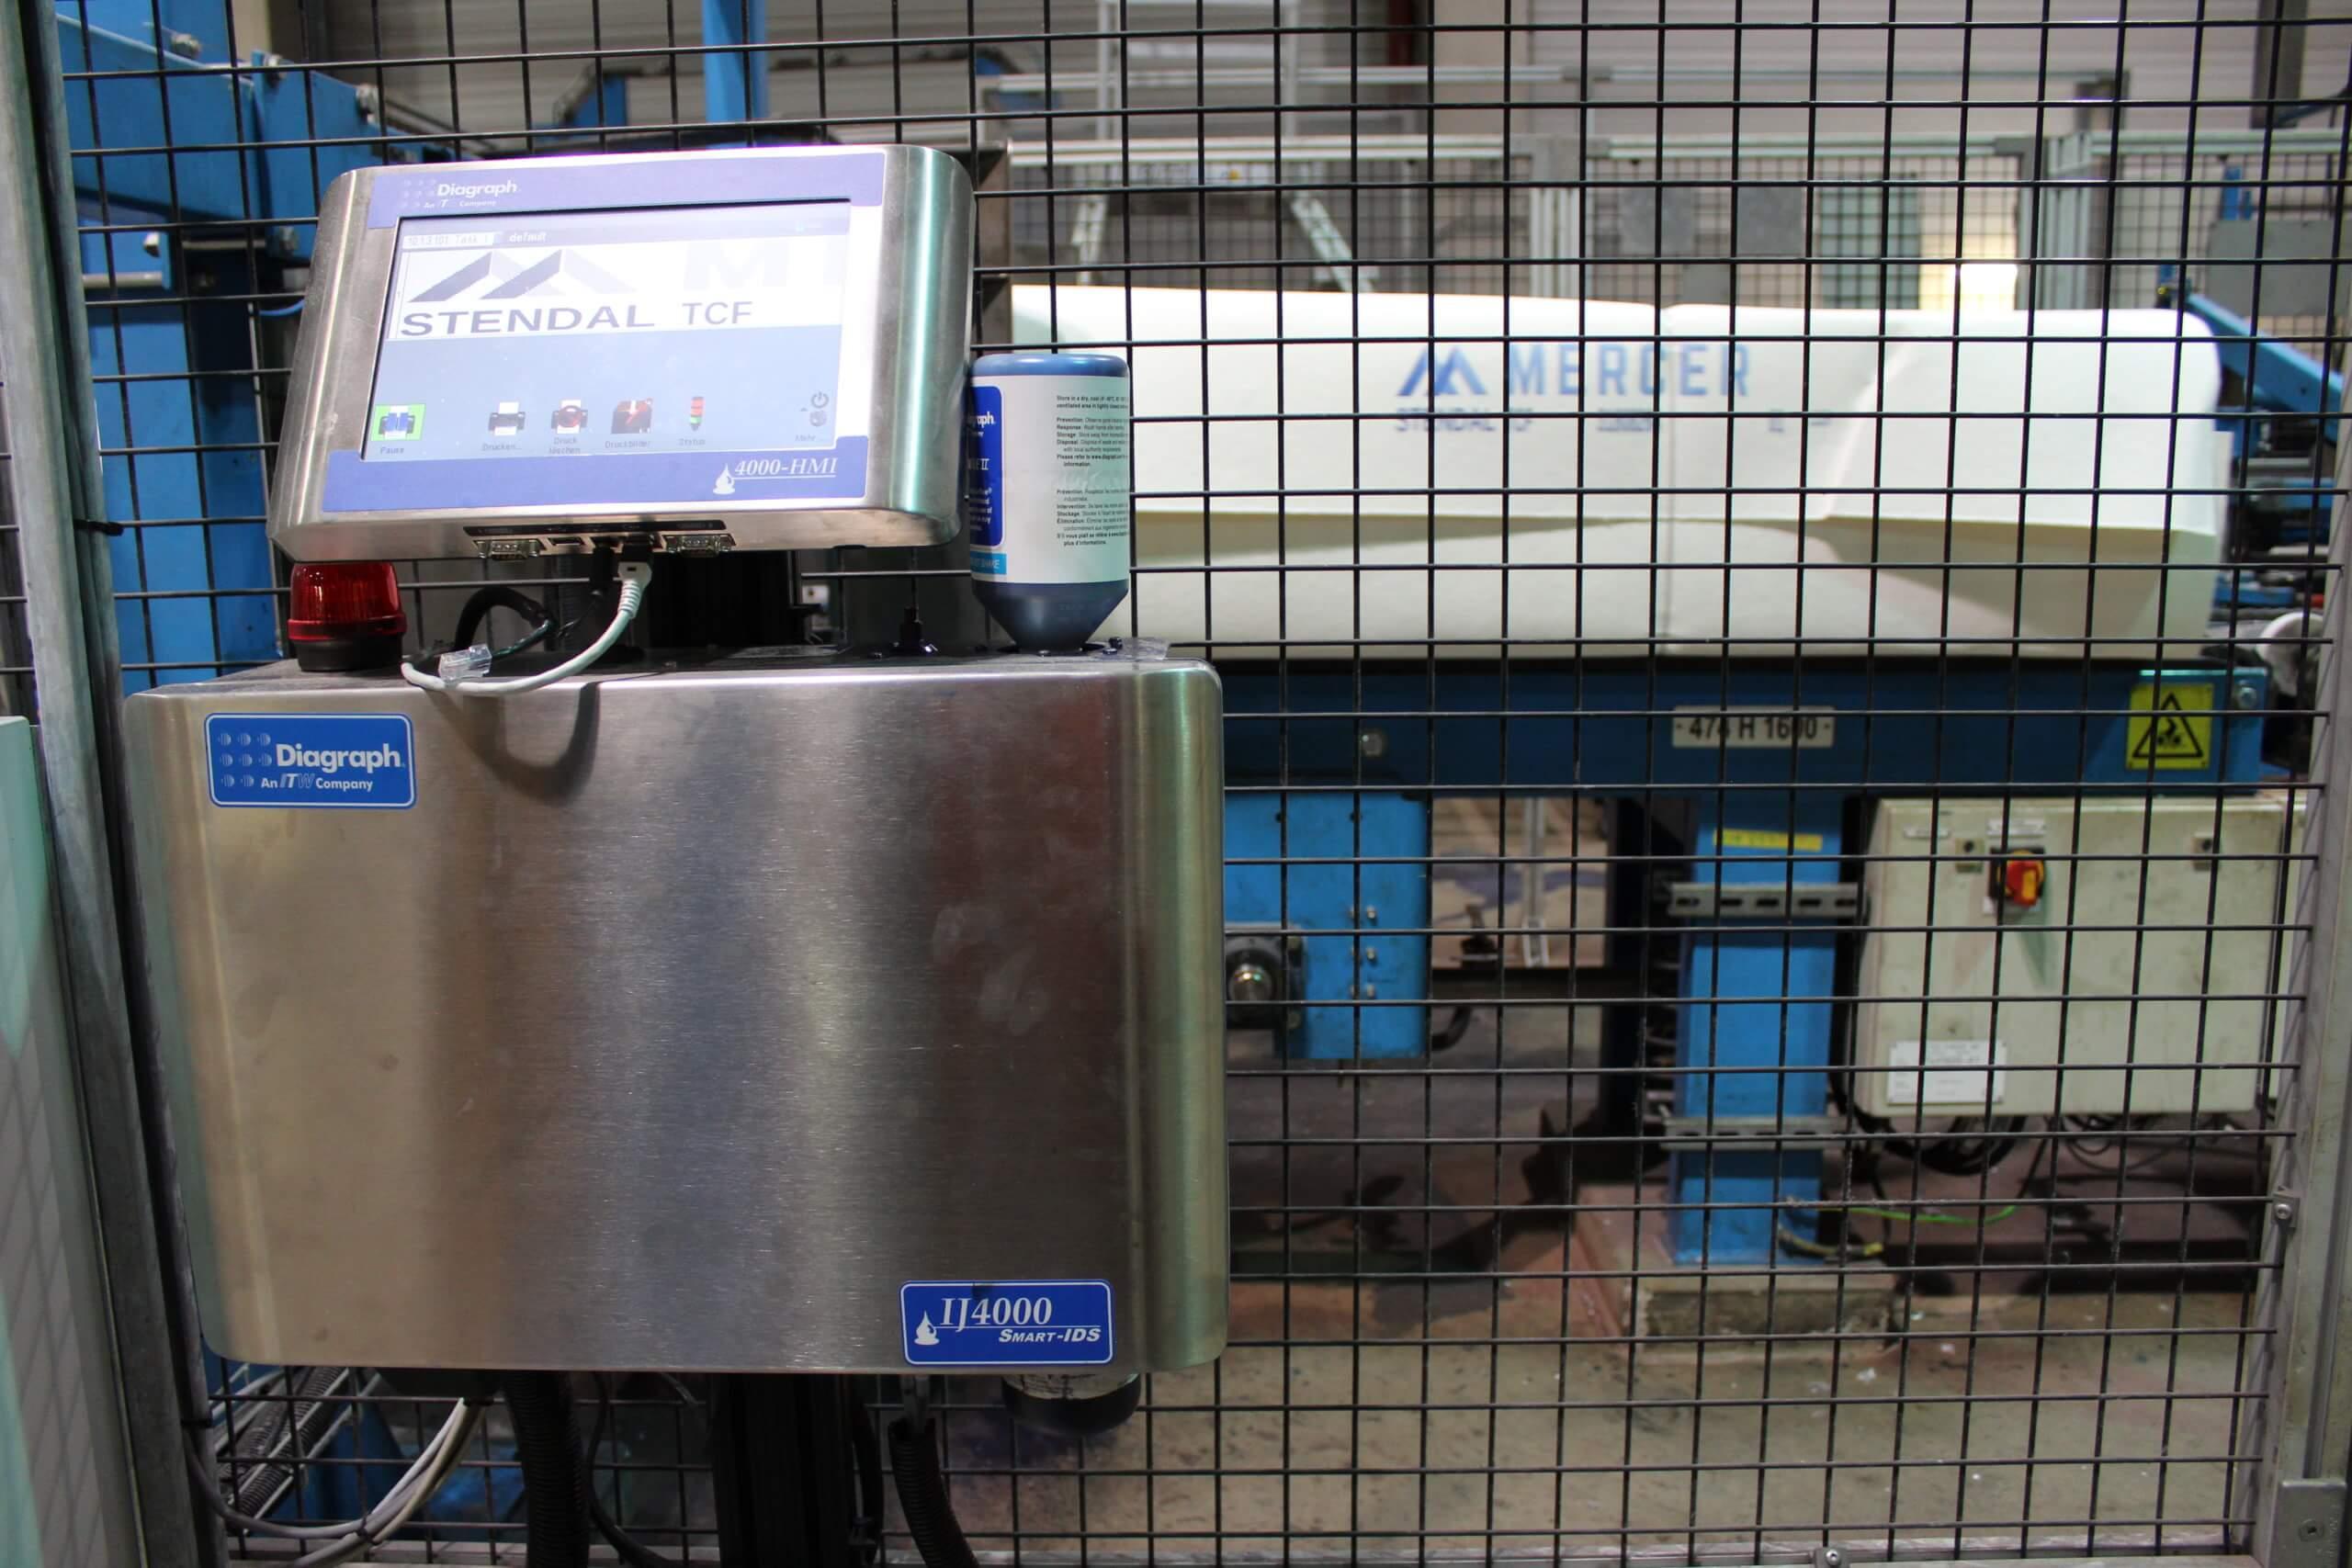 Drucker IJ4000 bei Zellstoff Stendal 2018 - (115)